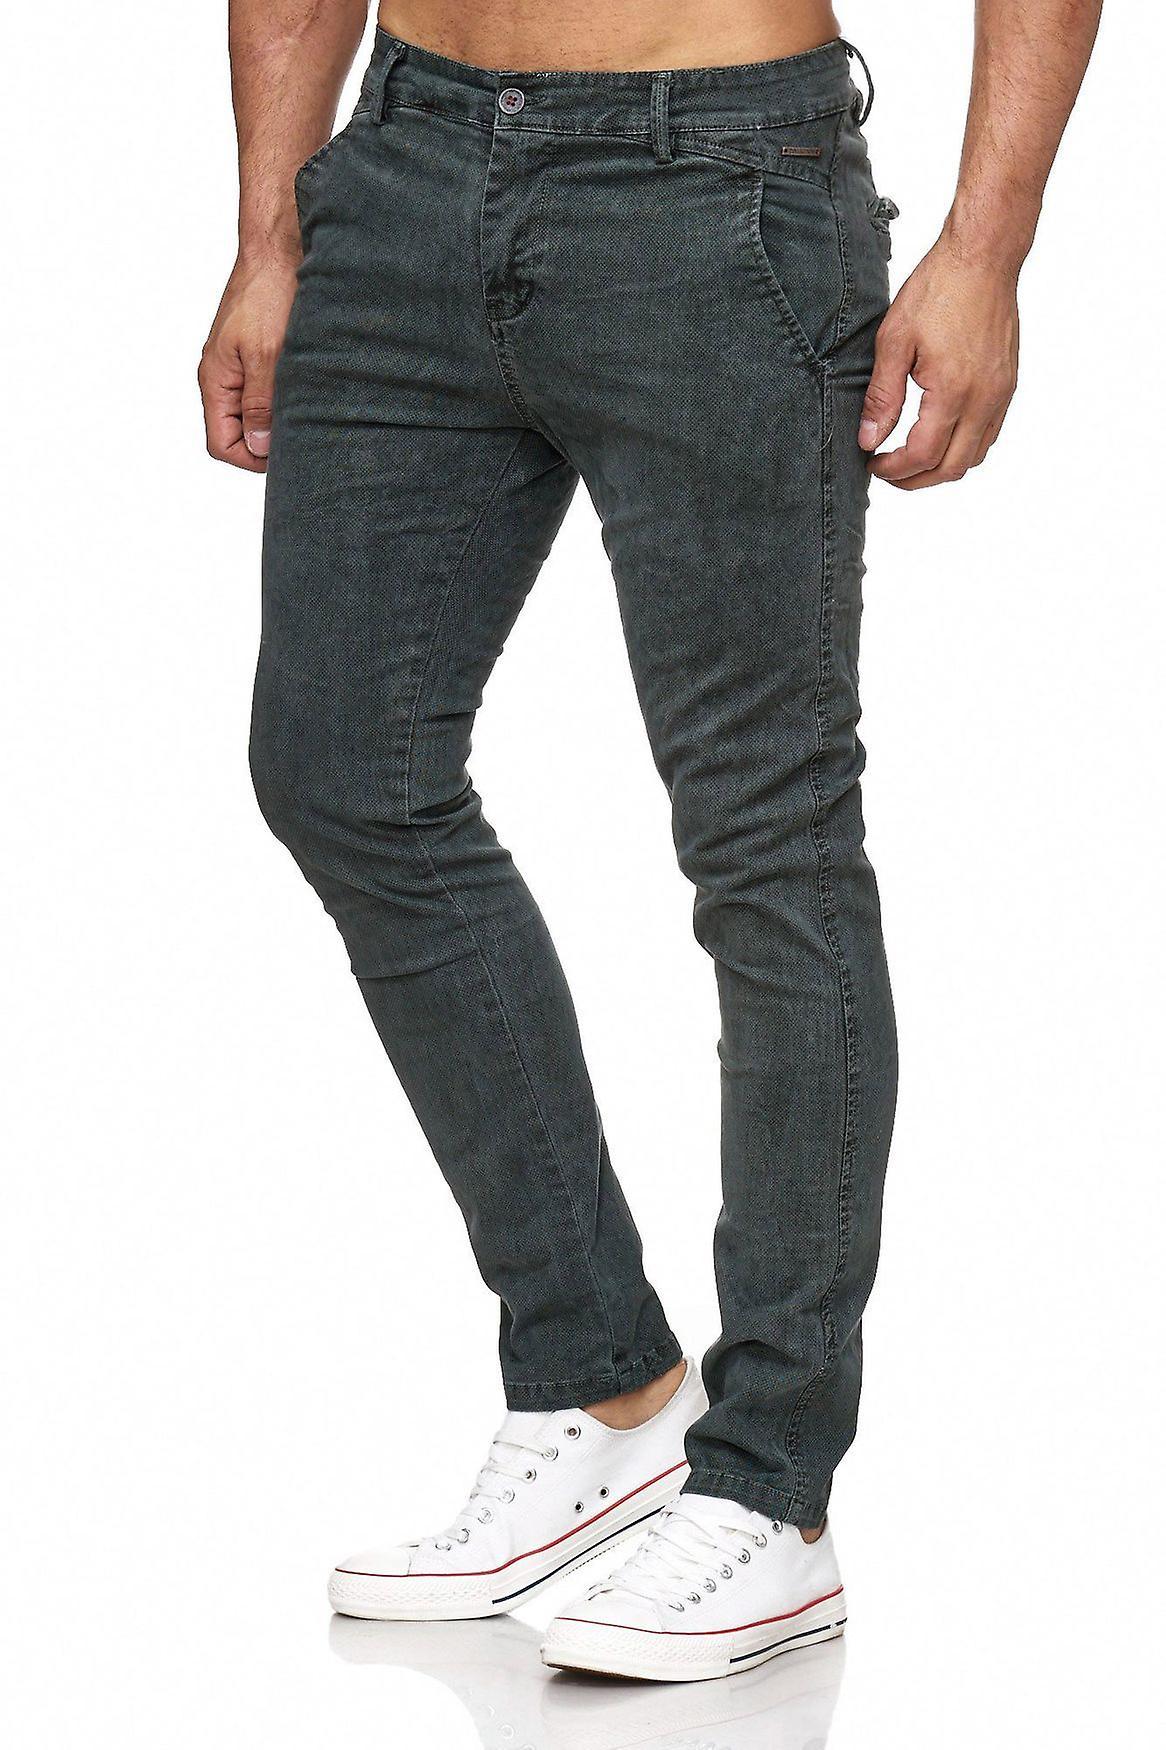 Mäns Chino Jeans Denim byxor mönstrade Jeans avsmalnande ben  b8fb9f1299390